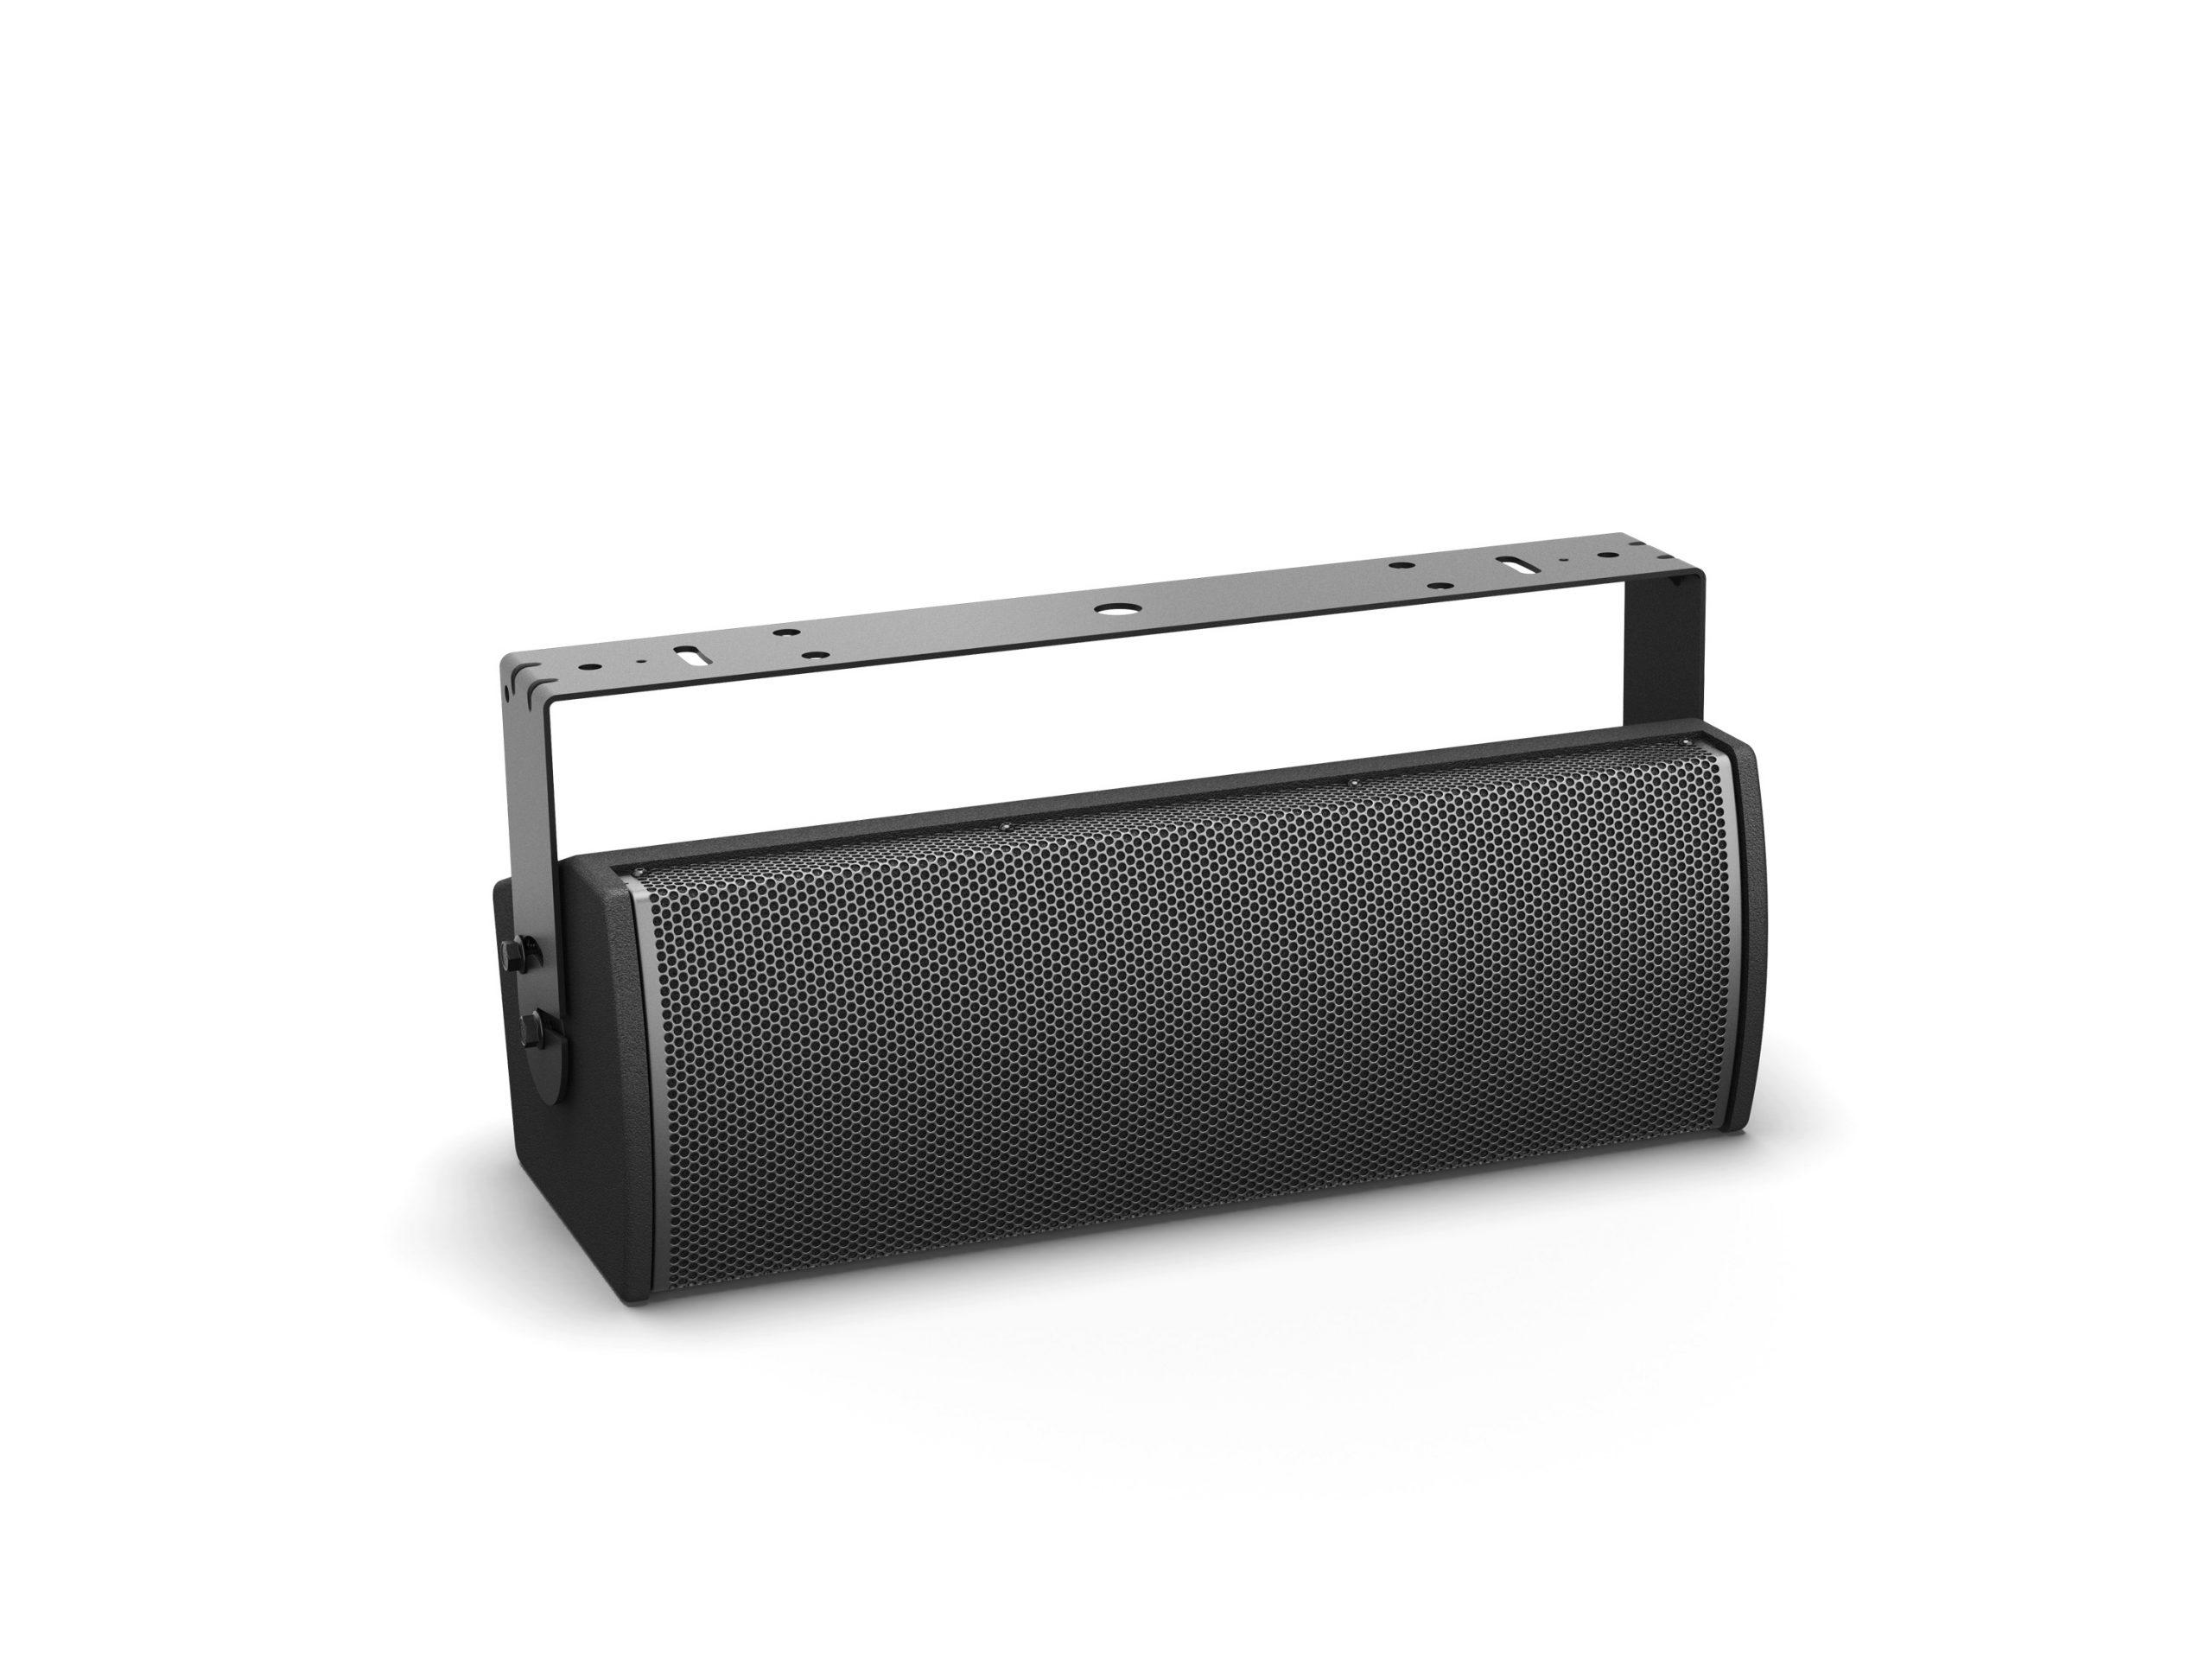 Bose zvučnik - ArenaMatch_Utility_AMU206